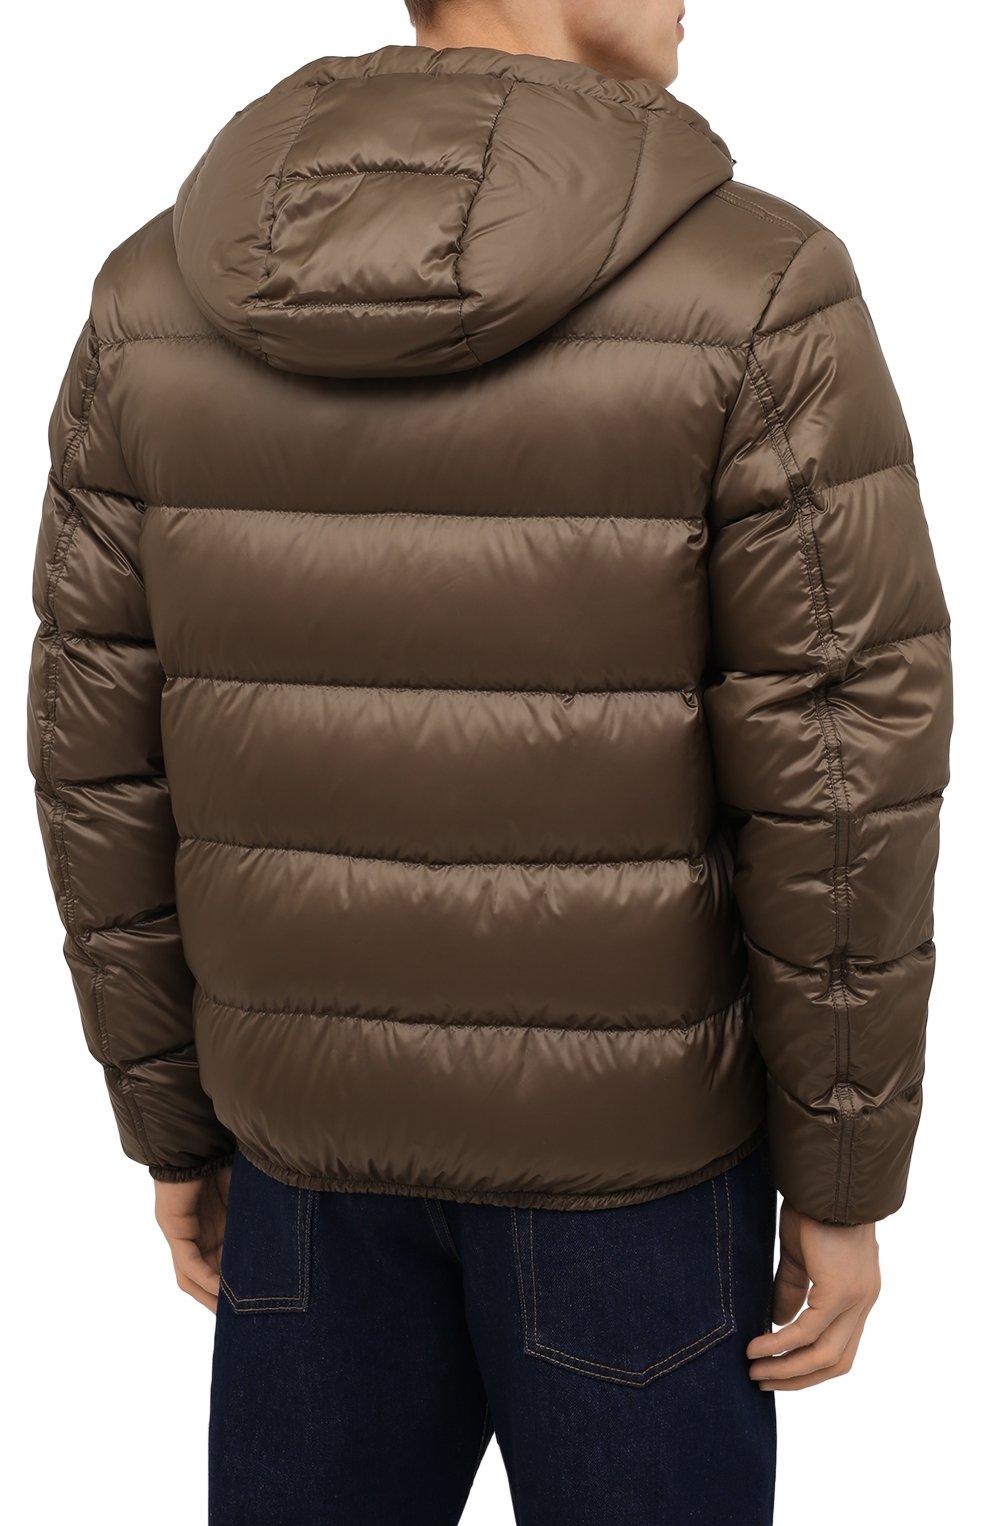 Мужская пуховая куртка RALPH LAUREN коричневого цвета, арт. 790774258 | Фото 4 (Кросс-КТ: Куртка; Мужское Кросс-КТ: пуховик-короткий; Рукава: Длинные; Материал внешний: Синтетический материал; Материал подклада: Синтетический материал; Длина (верхняя одежда): Короткие; Материал утеплителя: Пух и перо; Стили: Кэжуэл)